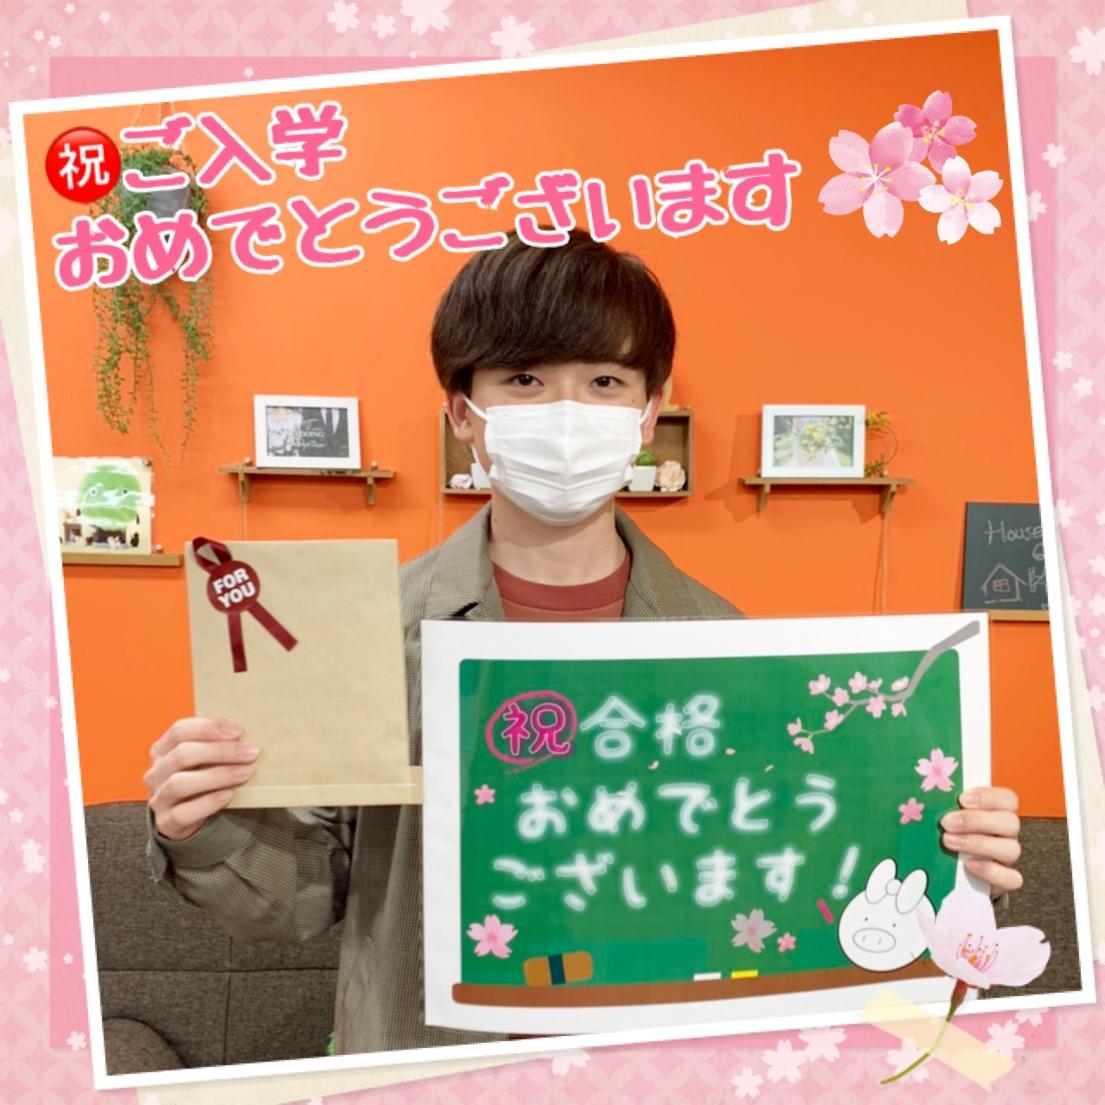 キャンペーン(ご入学おめでとうございます)